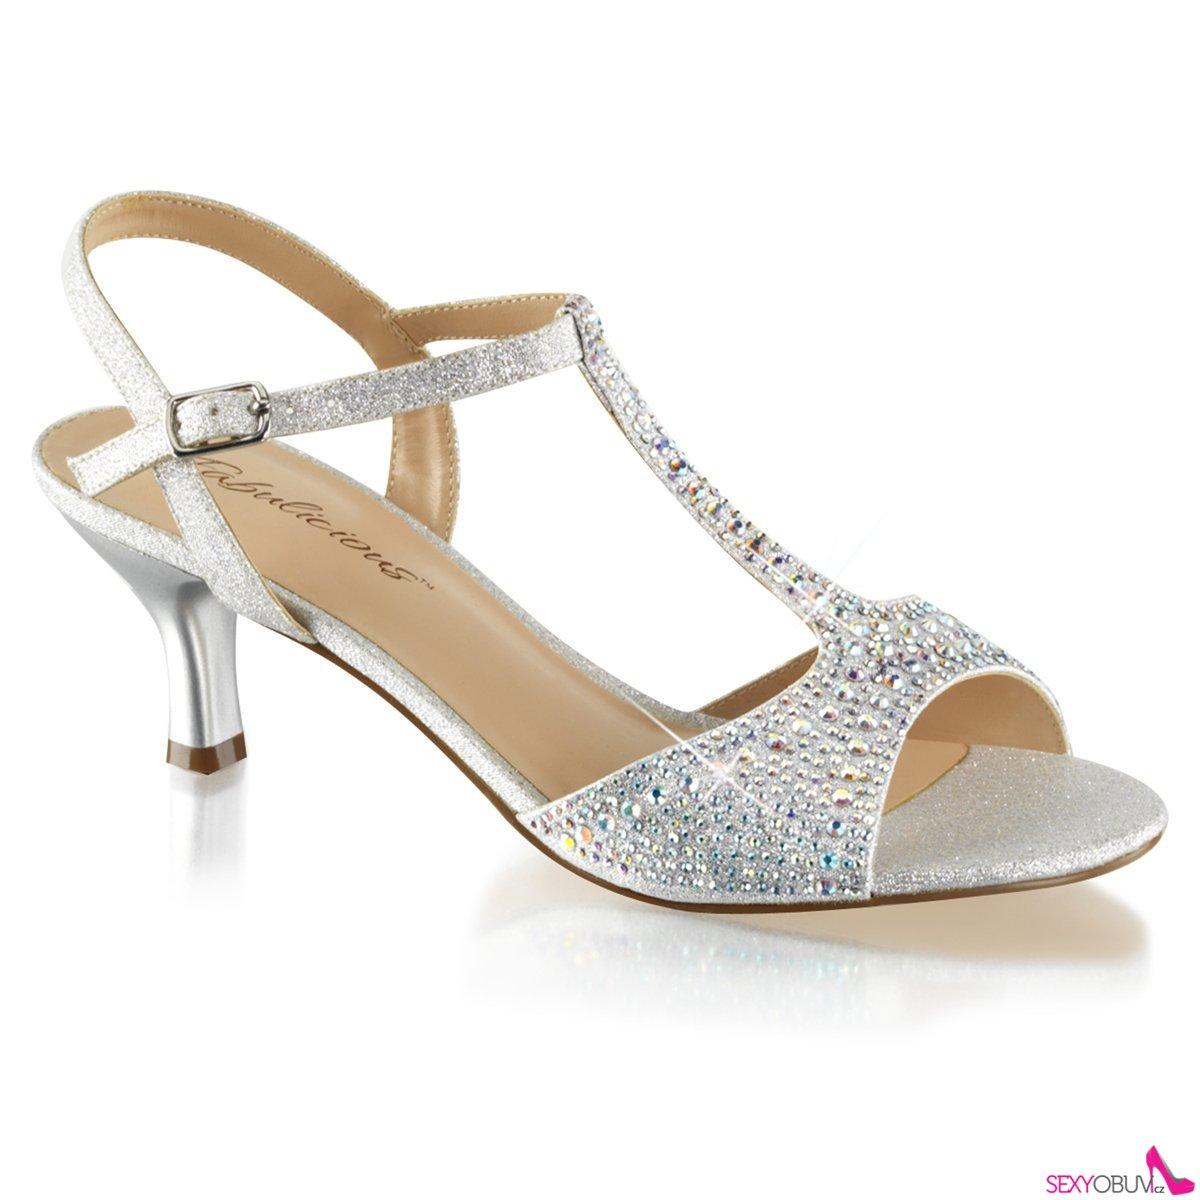 AUDREY-05 Stříbrné společenské sandály fe63f19e01